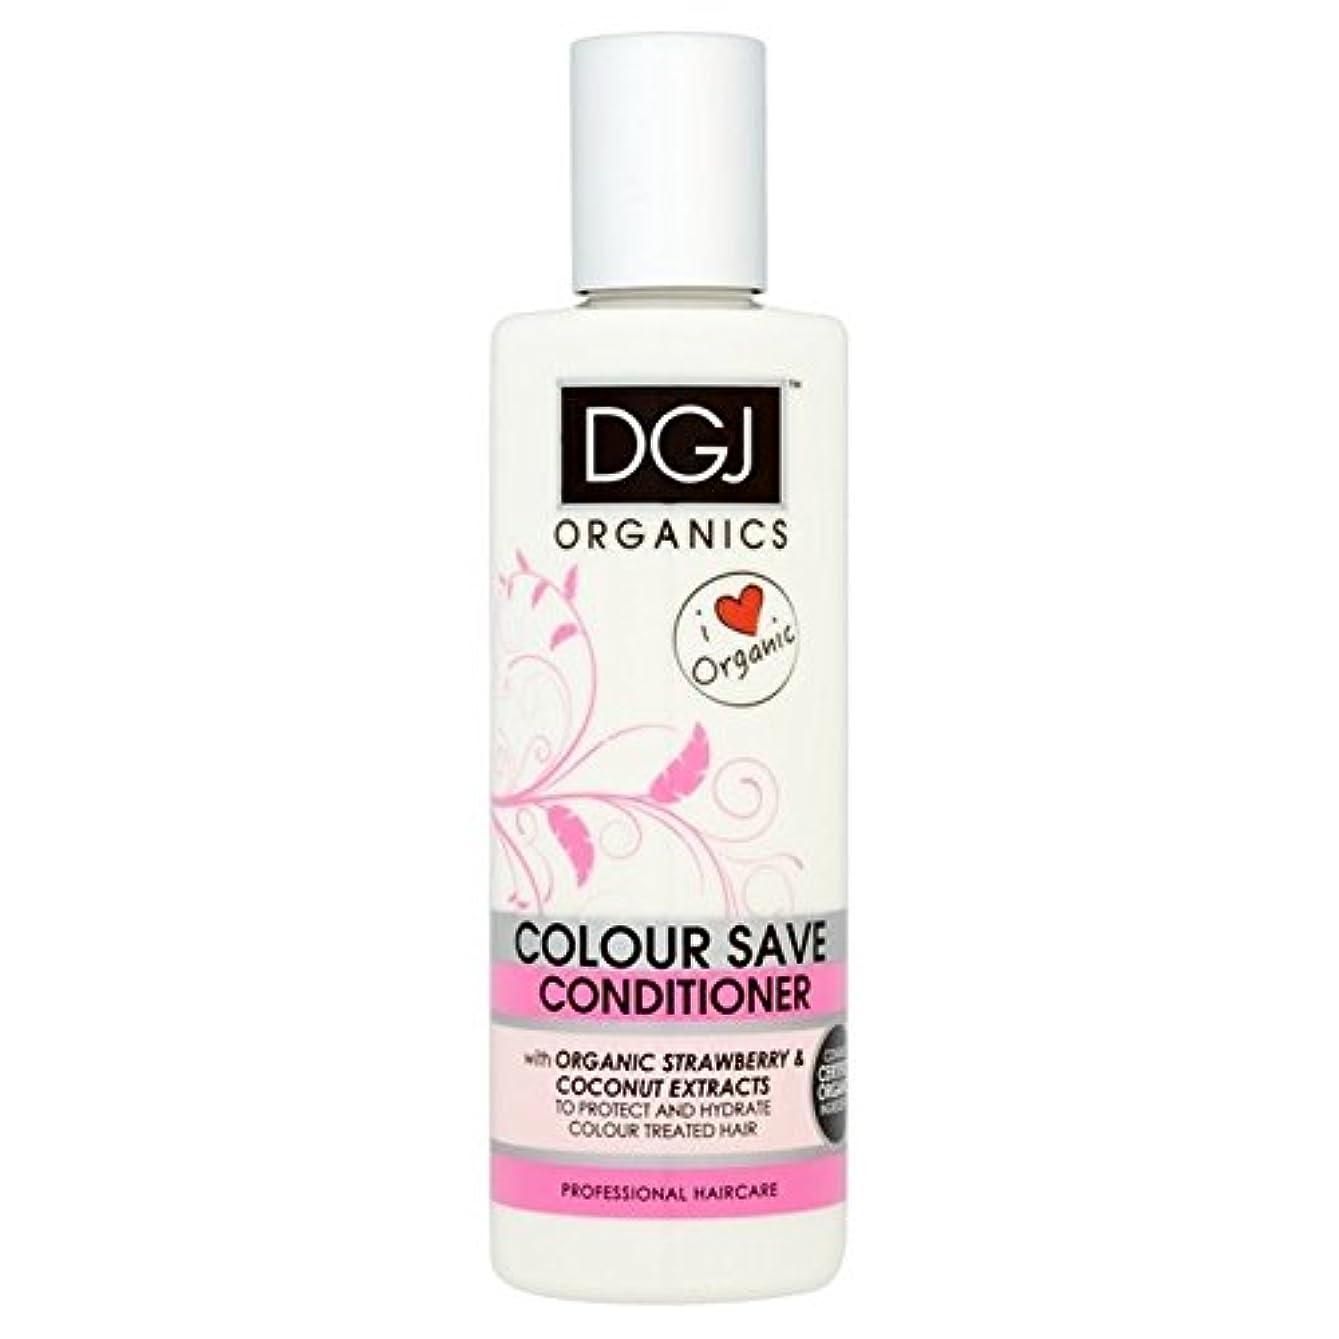 空中タウポ湖制約有機物の色コンディショナー250を保存 x2 - DGJ Organics Colour Save Conditioner 250ml (Pack of 2) [並行輸入品]